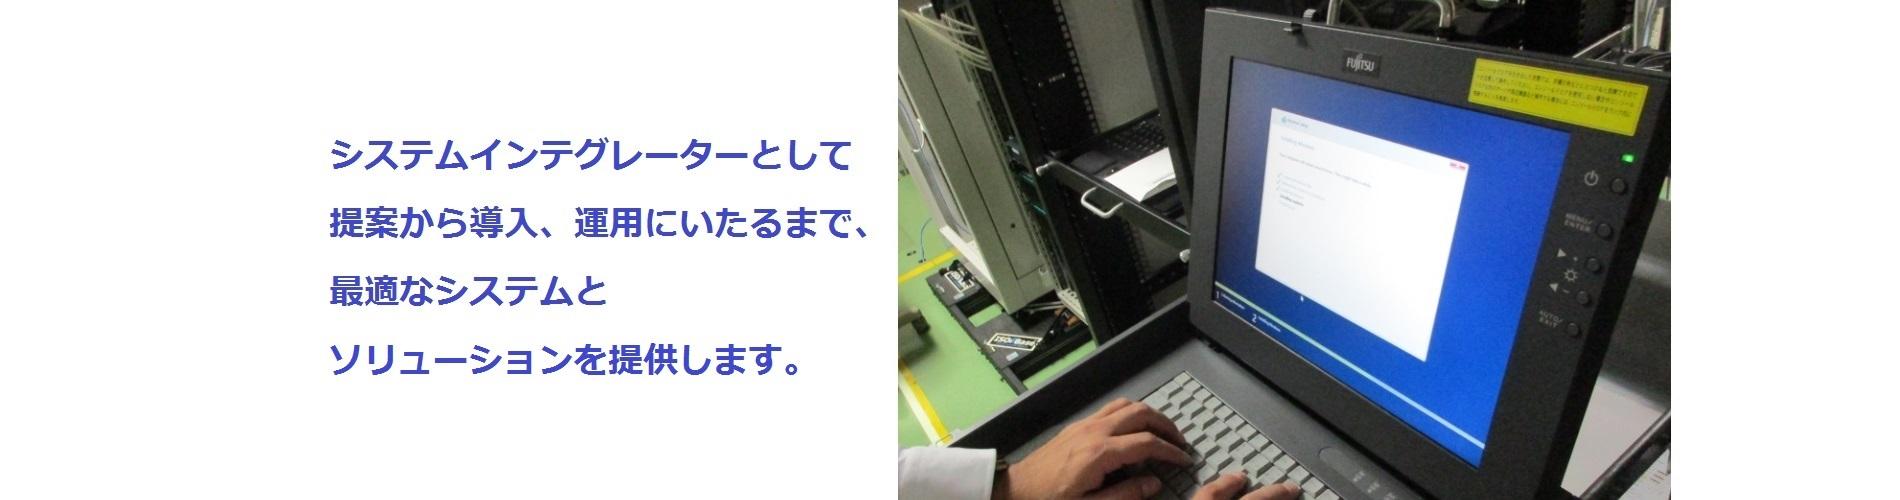 システムインテグレーターとして提案から導入、運用にいたるまで、最適なシステムとソリューションを提供します。